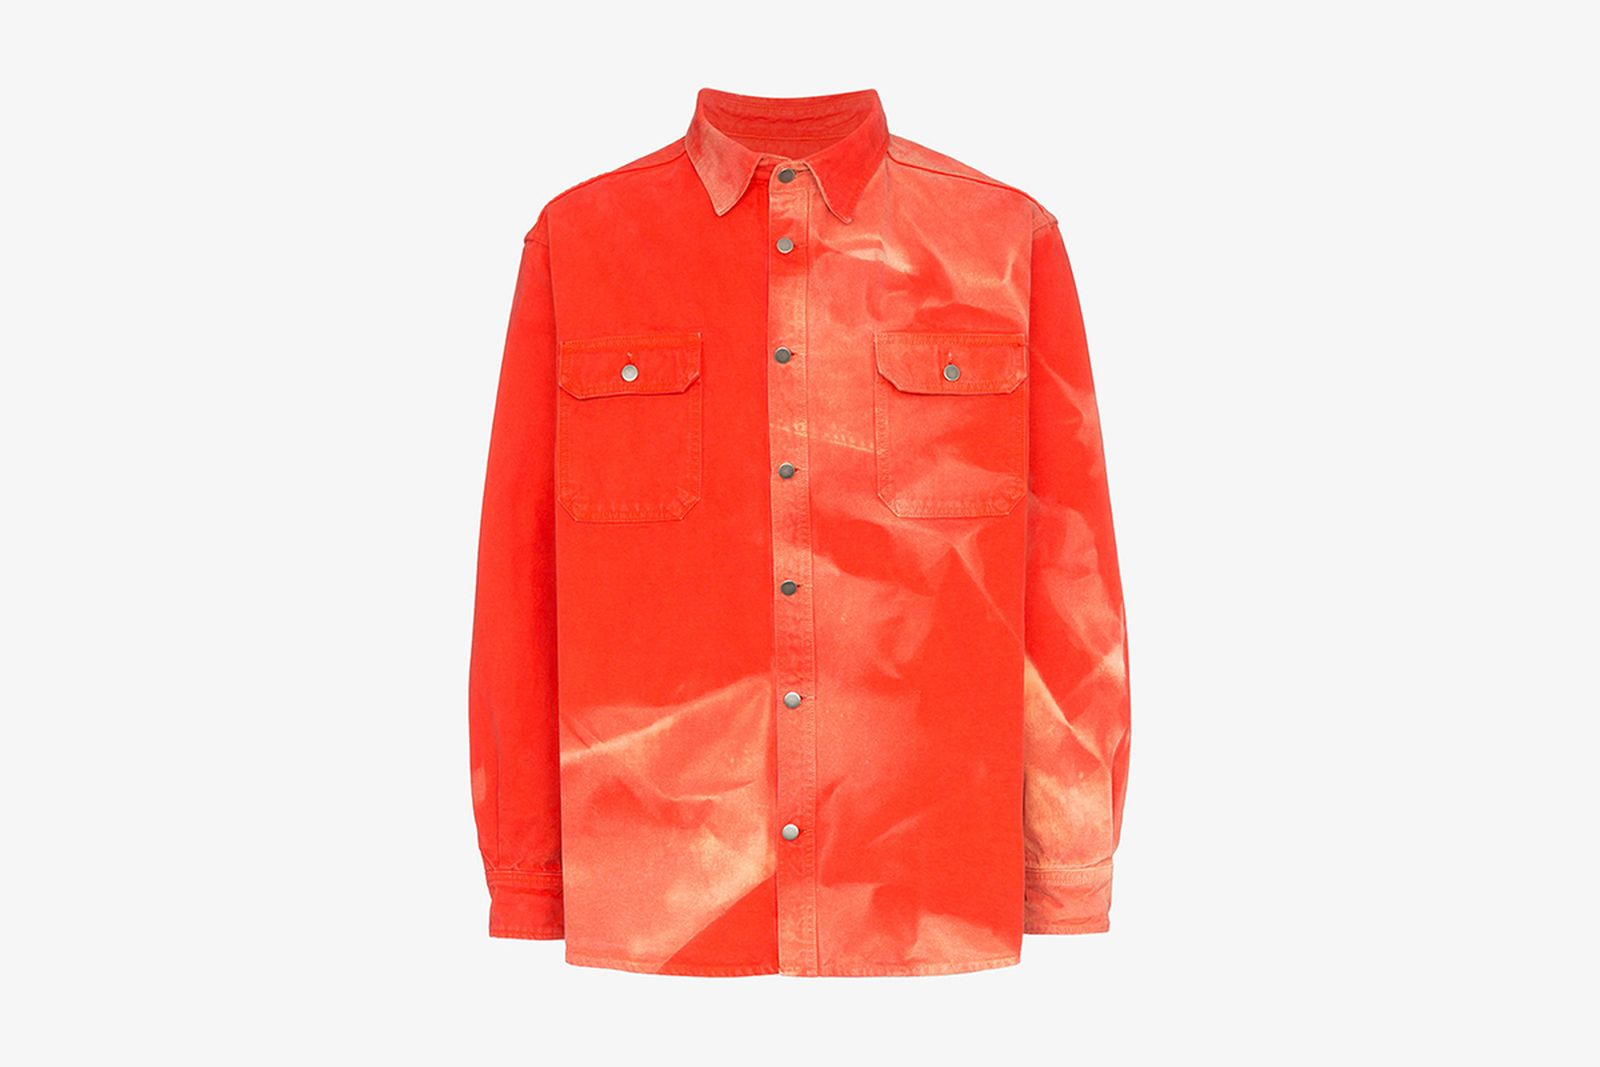 Browns Fashion 424 Fairfax X Armes Bleach Work Shirt tie dye